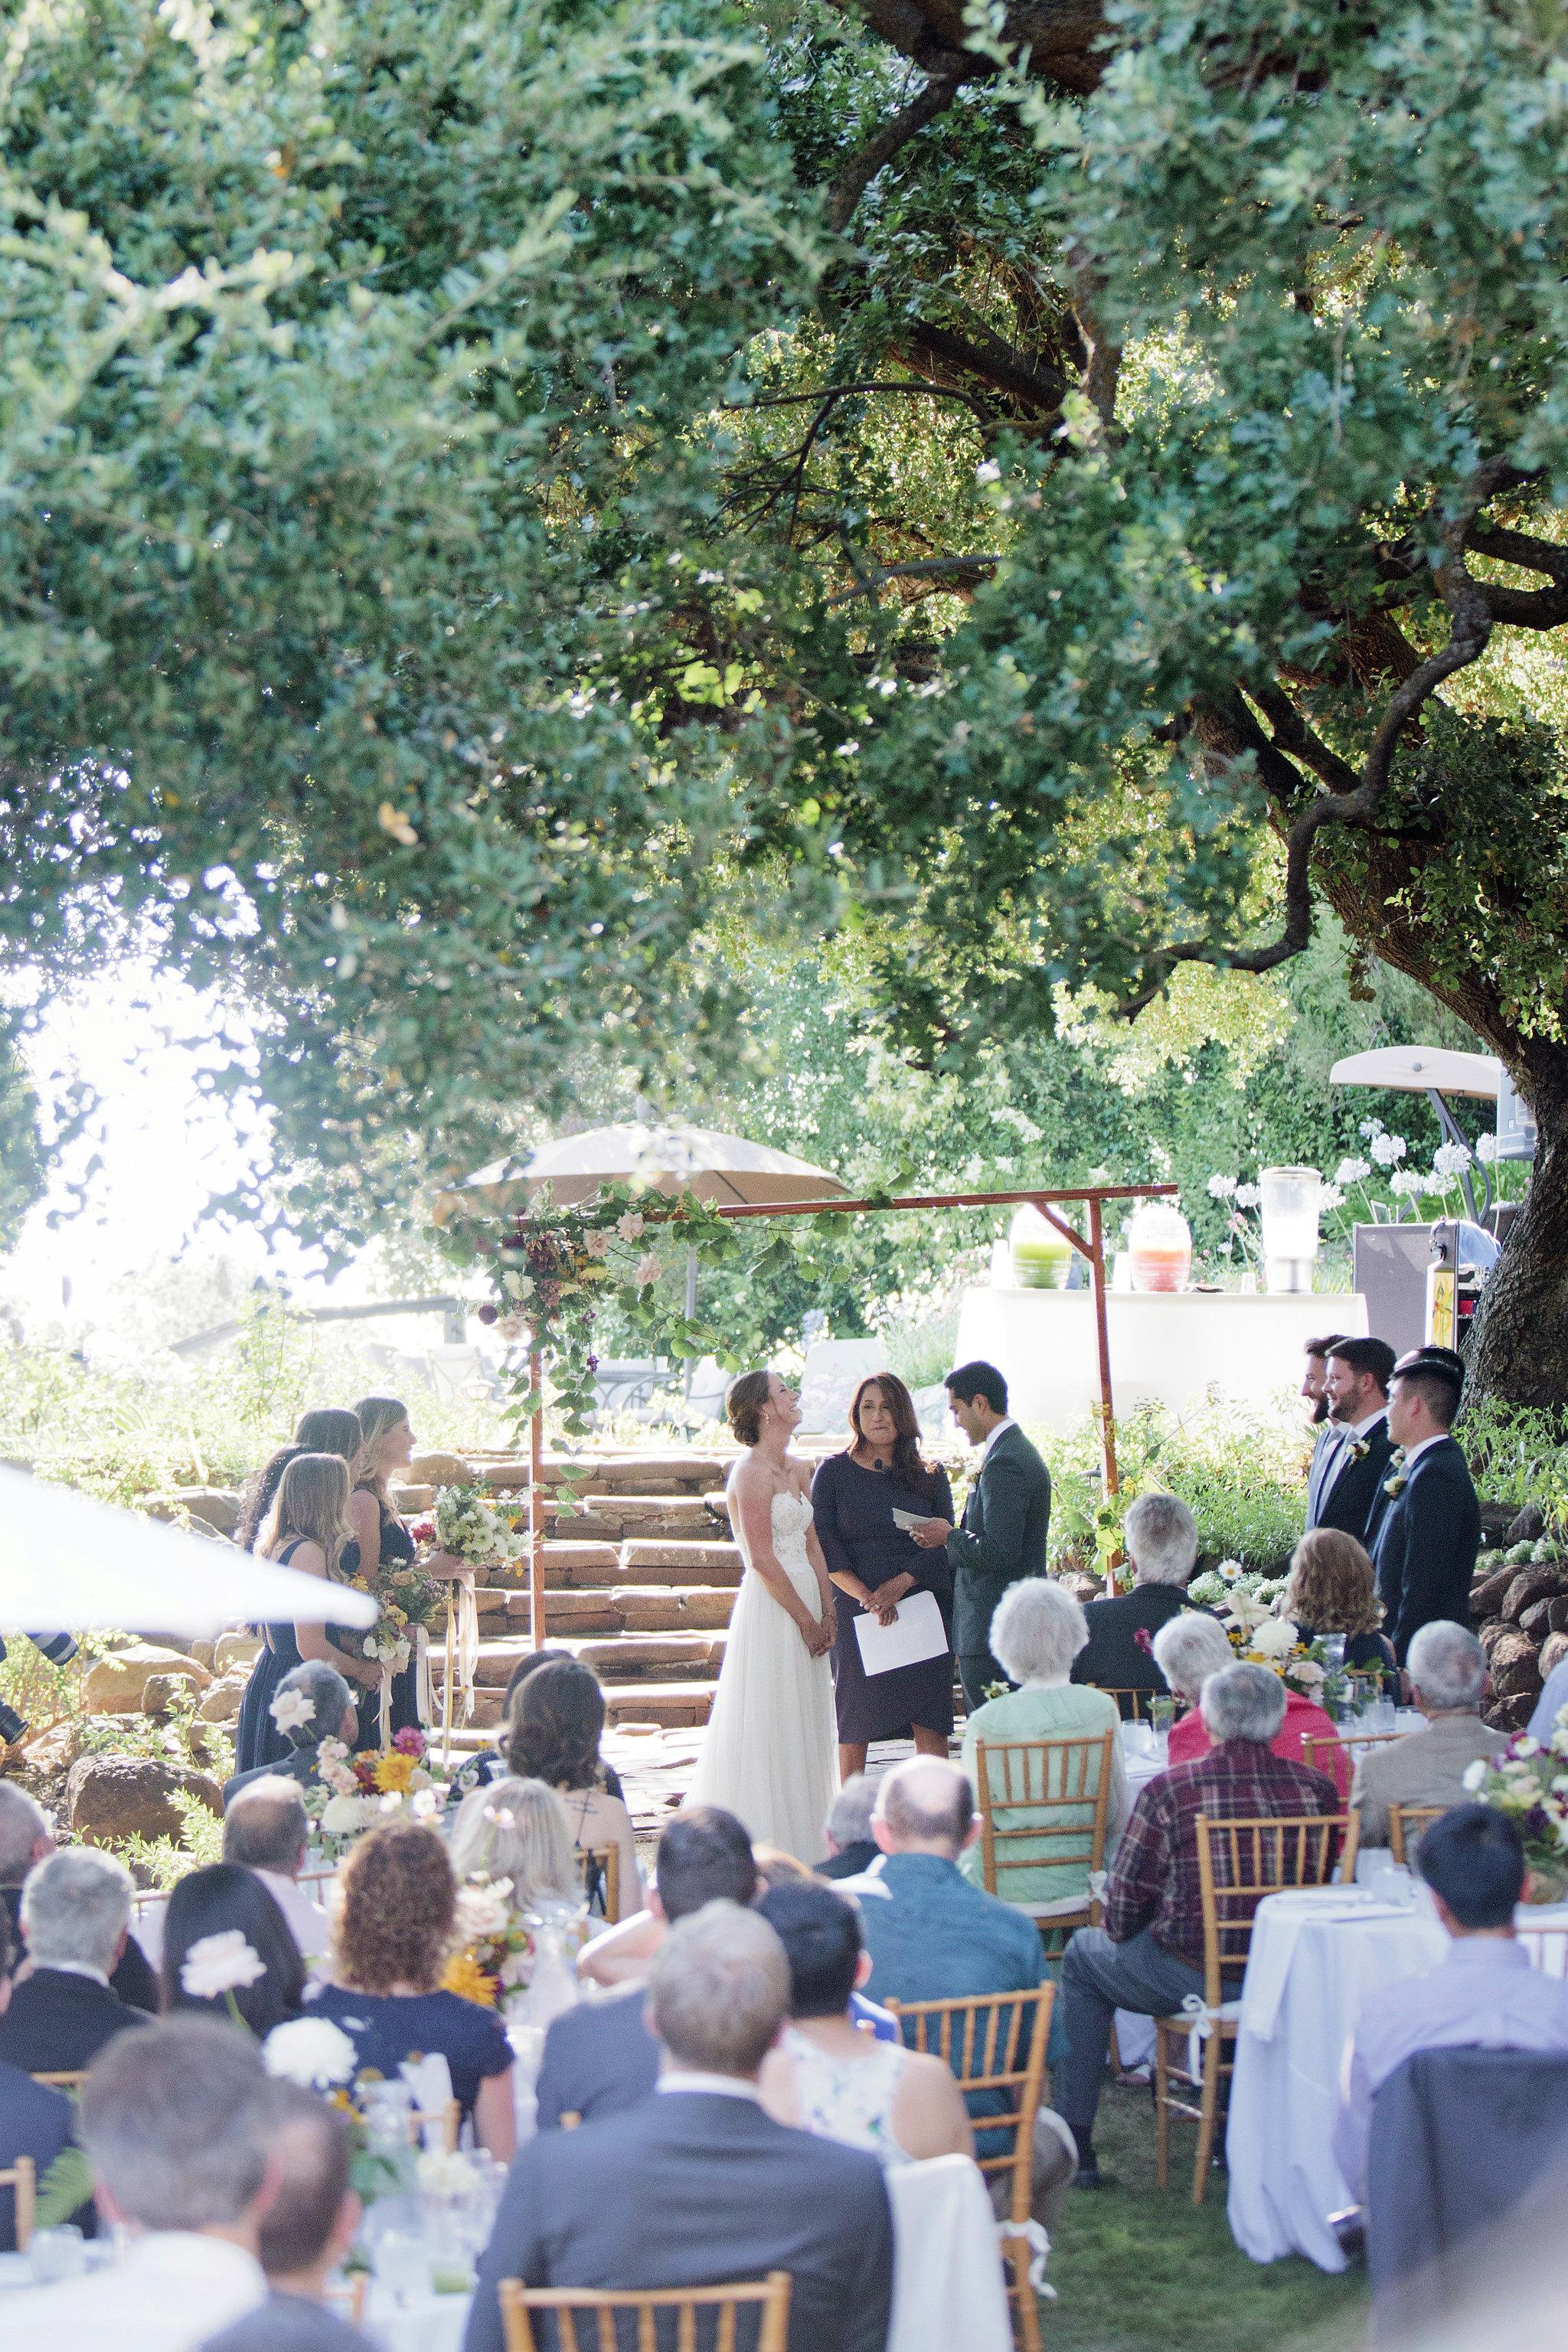 Wedding-Private-Home-South-Bay-31.JPG